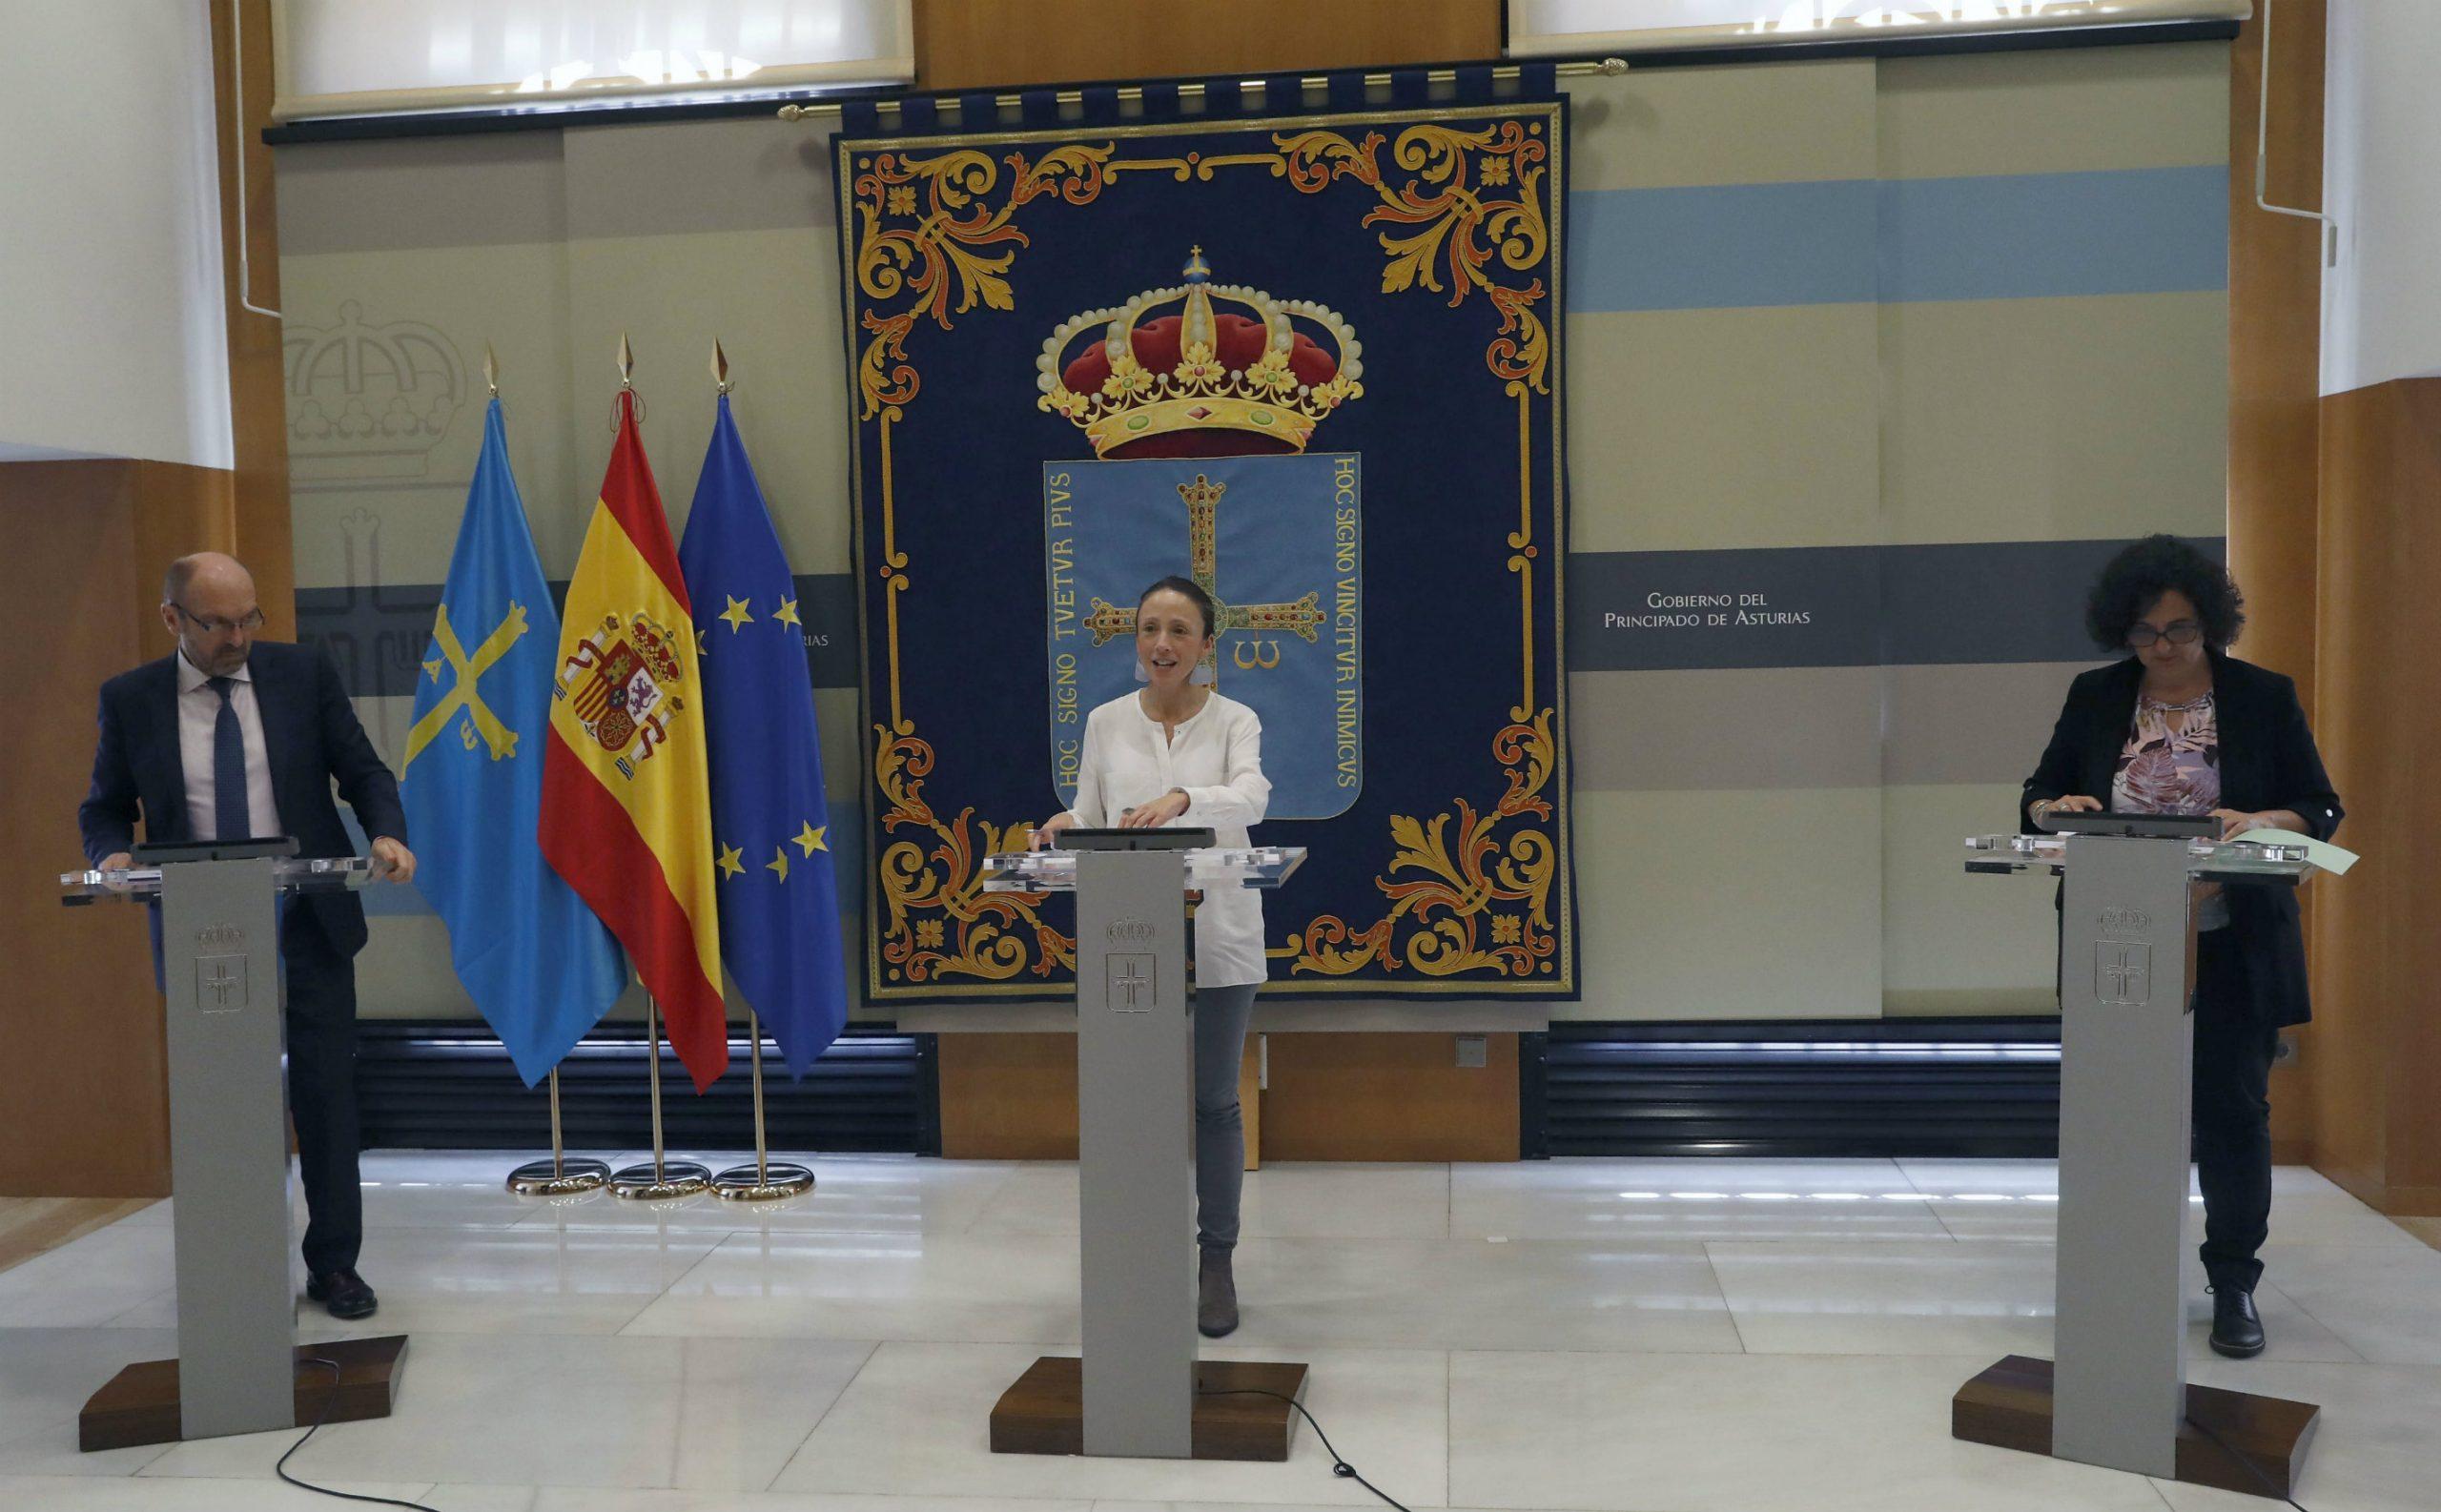 El Consejo de Gobierno destinará 2,5 millones de euros para apoyar la cultura